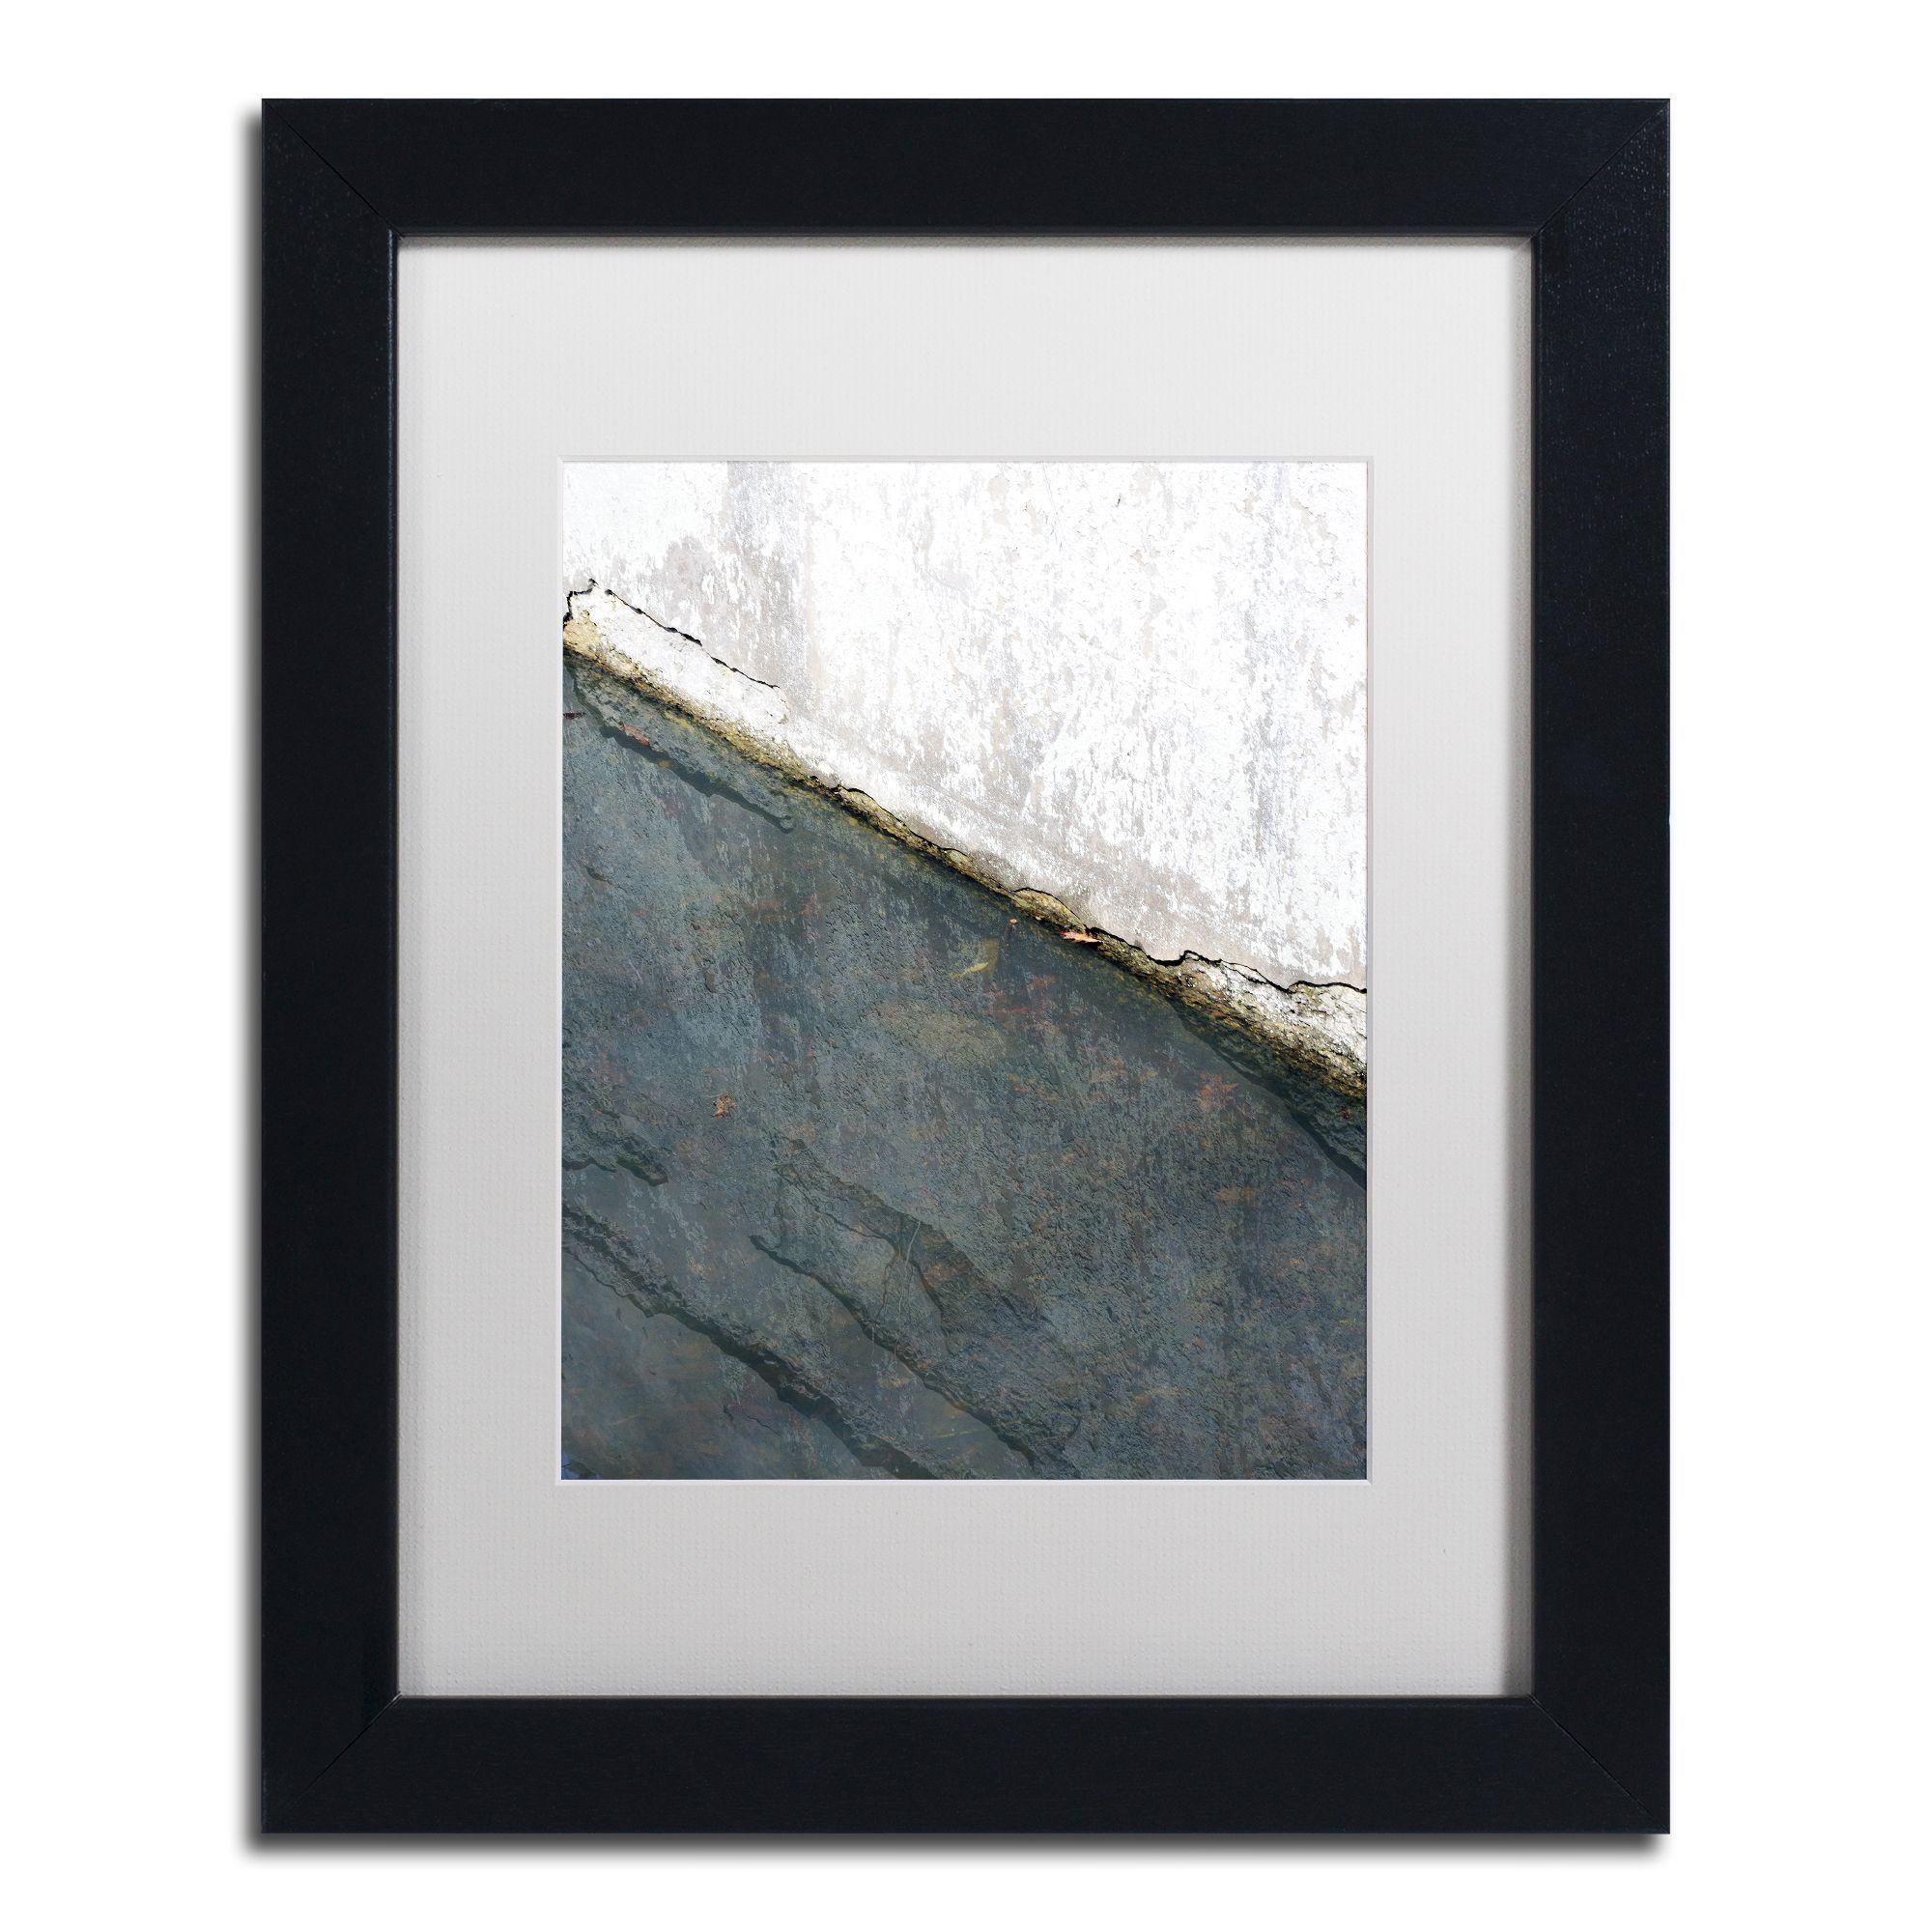 Kurt Shaffer 'Lock Abstract' Framed Matted Art